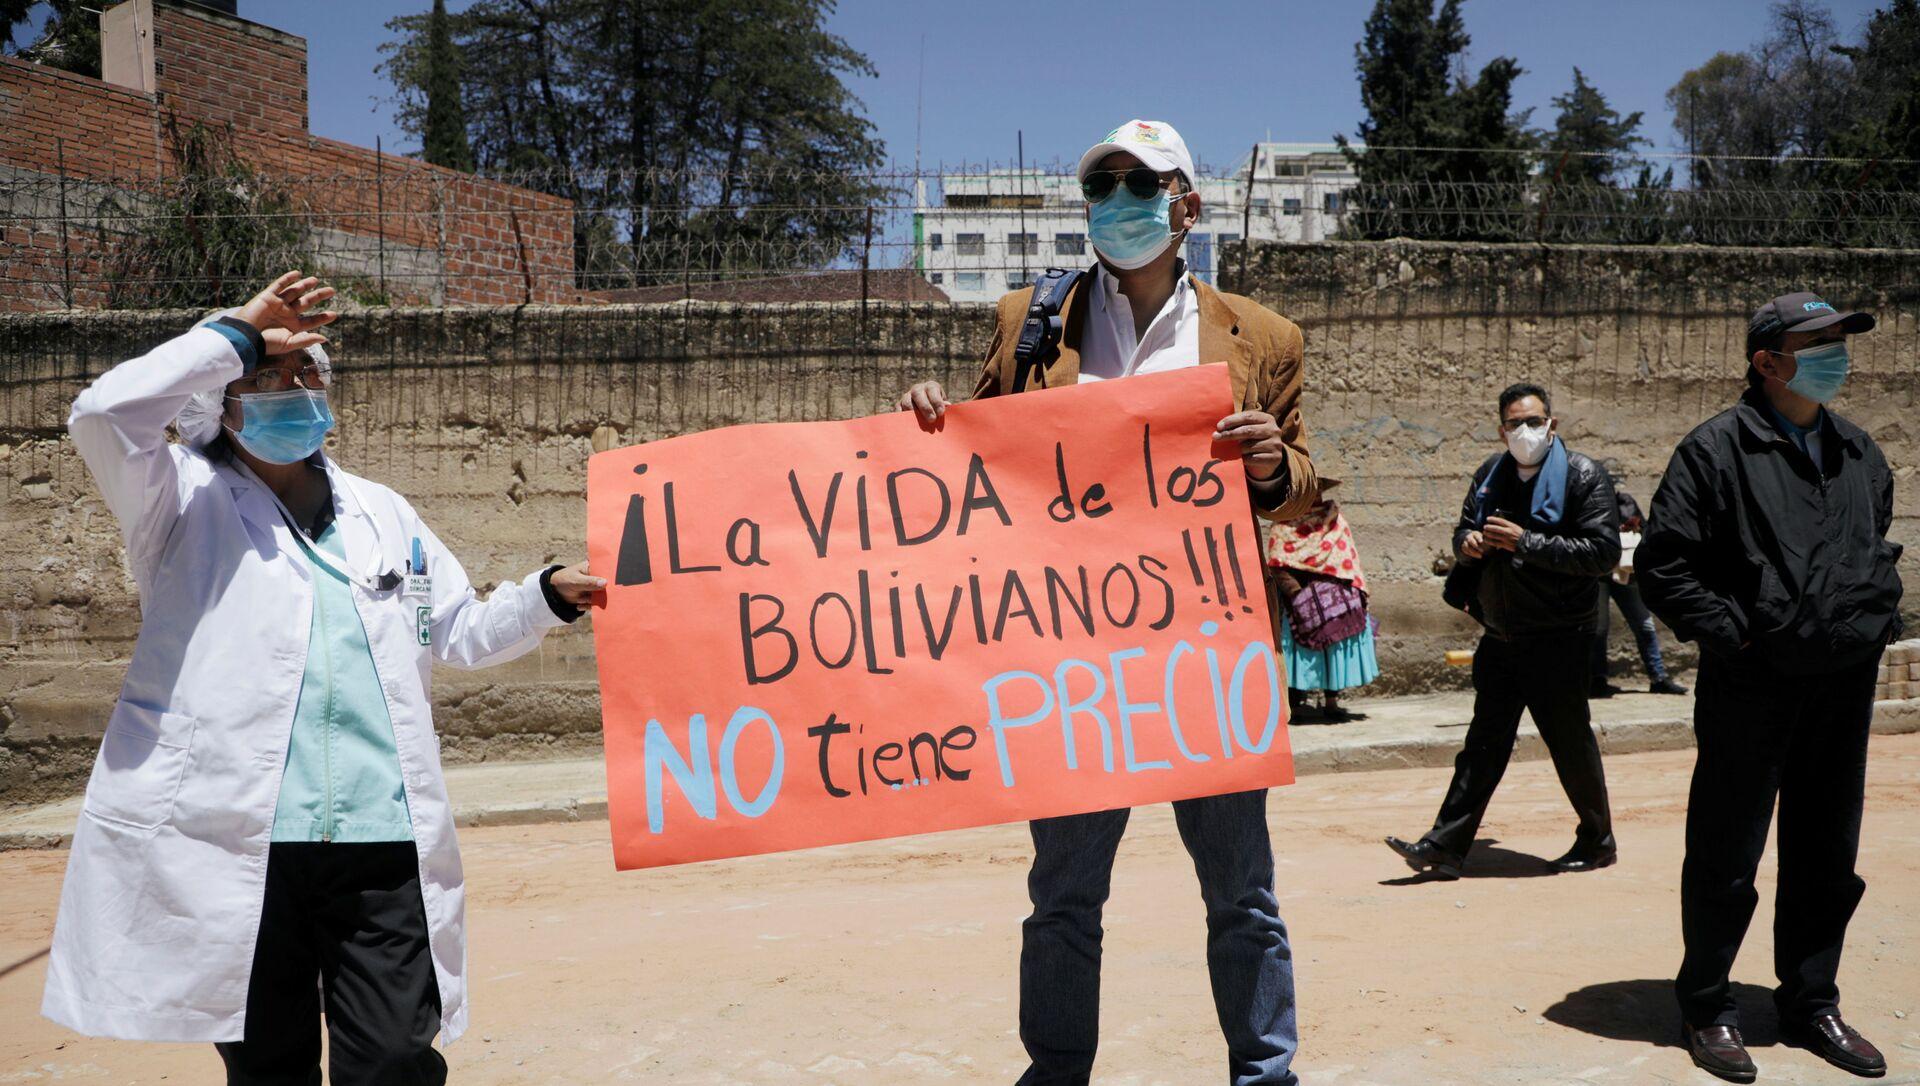 Una protesta de los médicos en Bolivia (archivo) - Sputnik Mundo, 1920, 04.02.2021